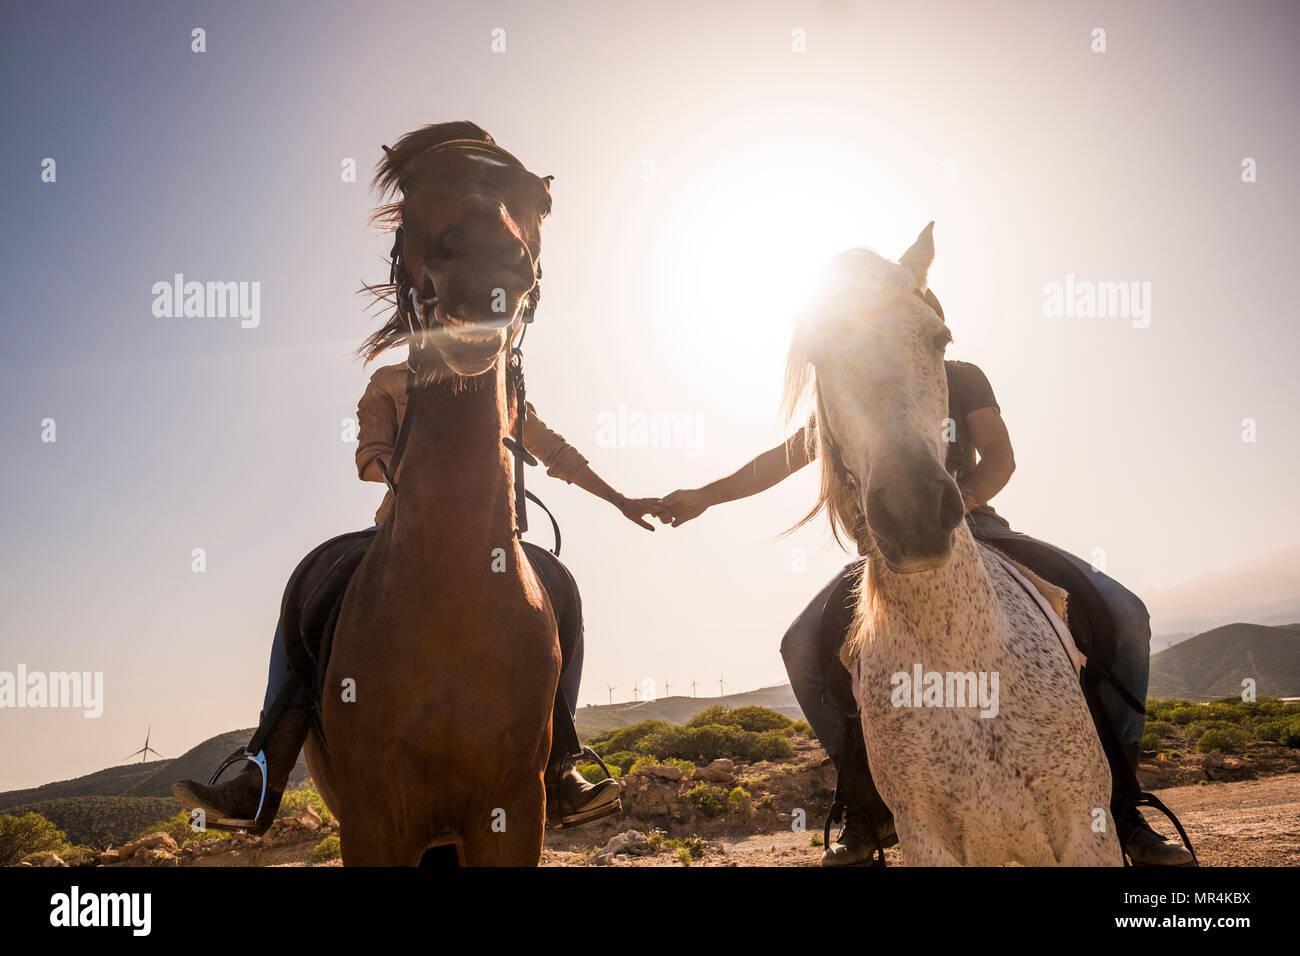 Mit den Händen berühren, mit Liebe aber Pferd Gesicht Bombe die Bilder für eine endgültige lustig Bild mit Pferd lächelnd. Hintergrundbeleuchtung und liebe Konzept in der Natur Freizeit Stockbild